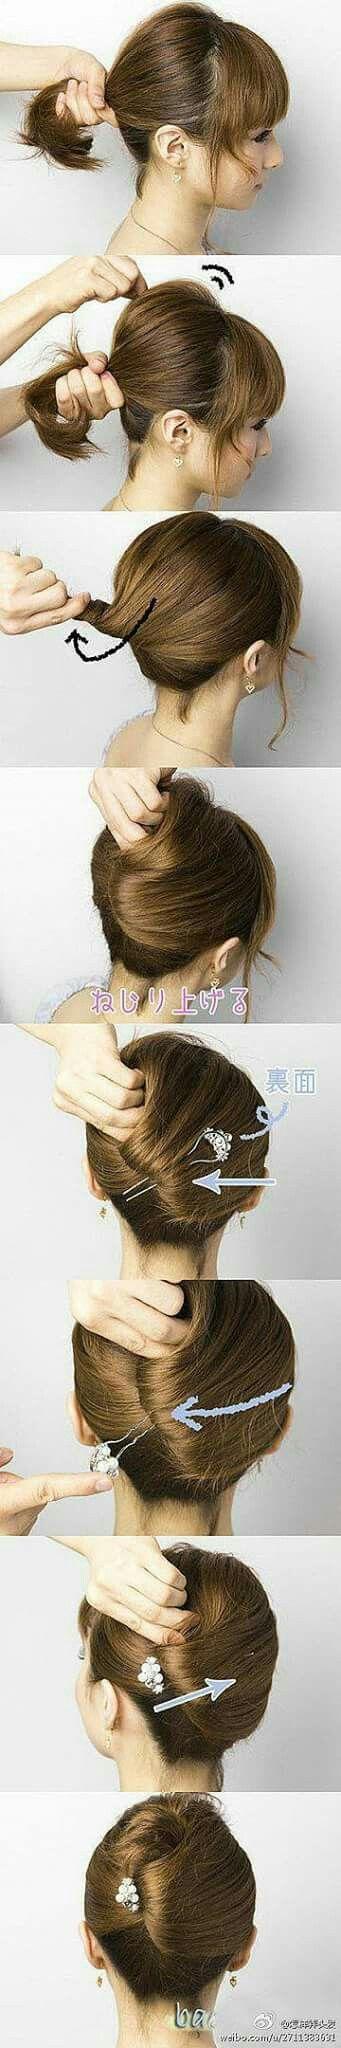 Riporto a capelli corti